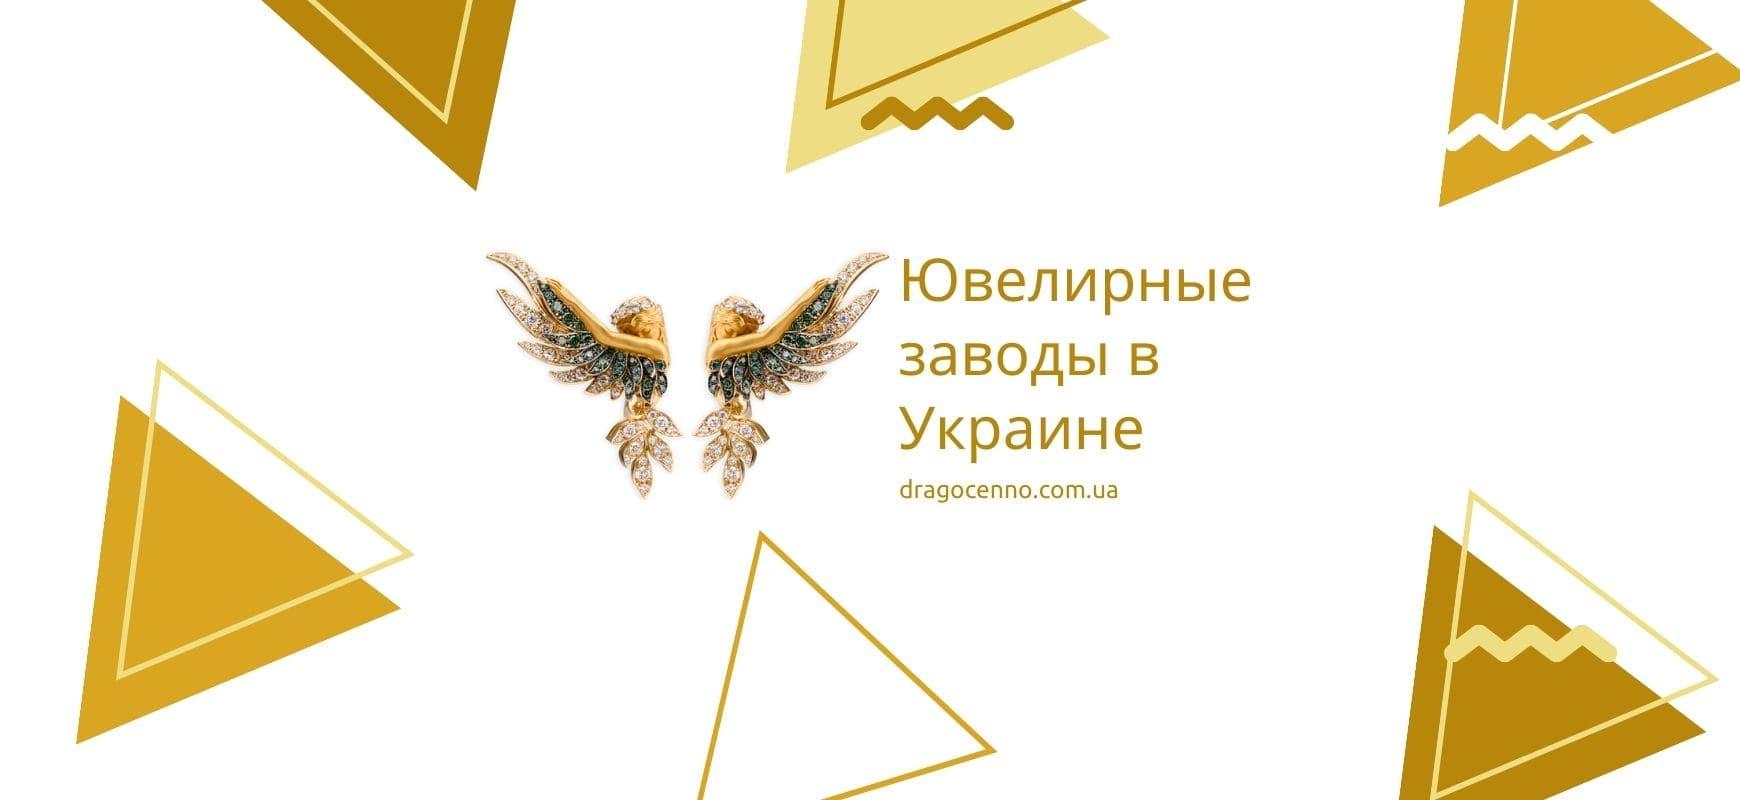 Лучшие ювелирные заводы в Украине